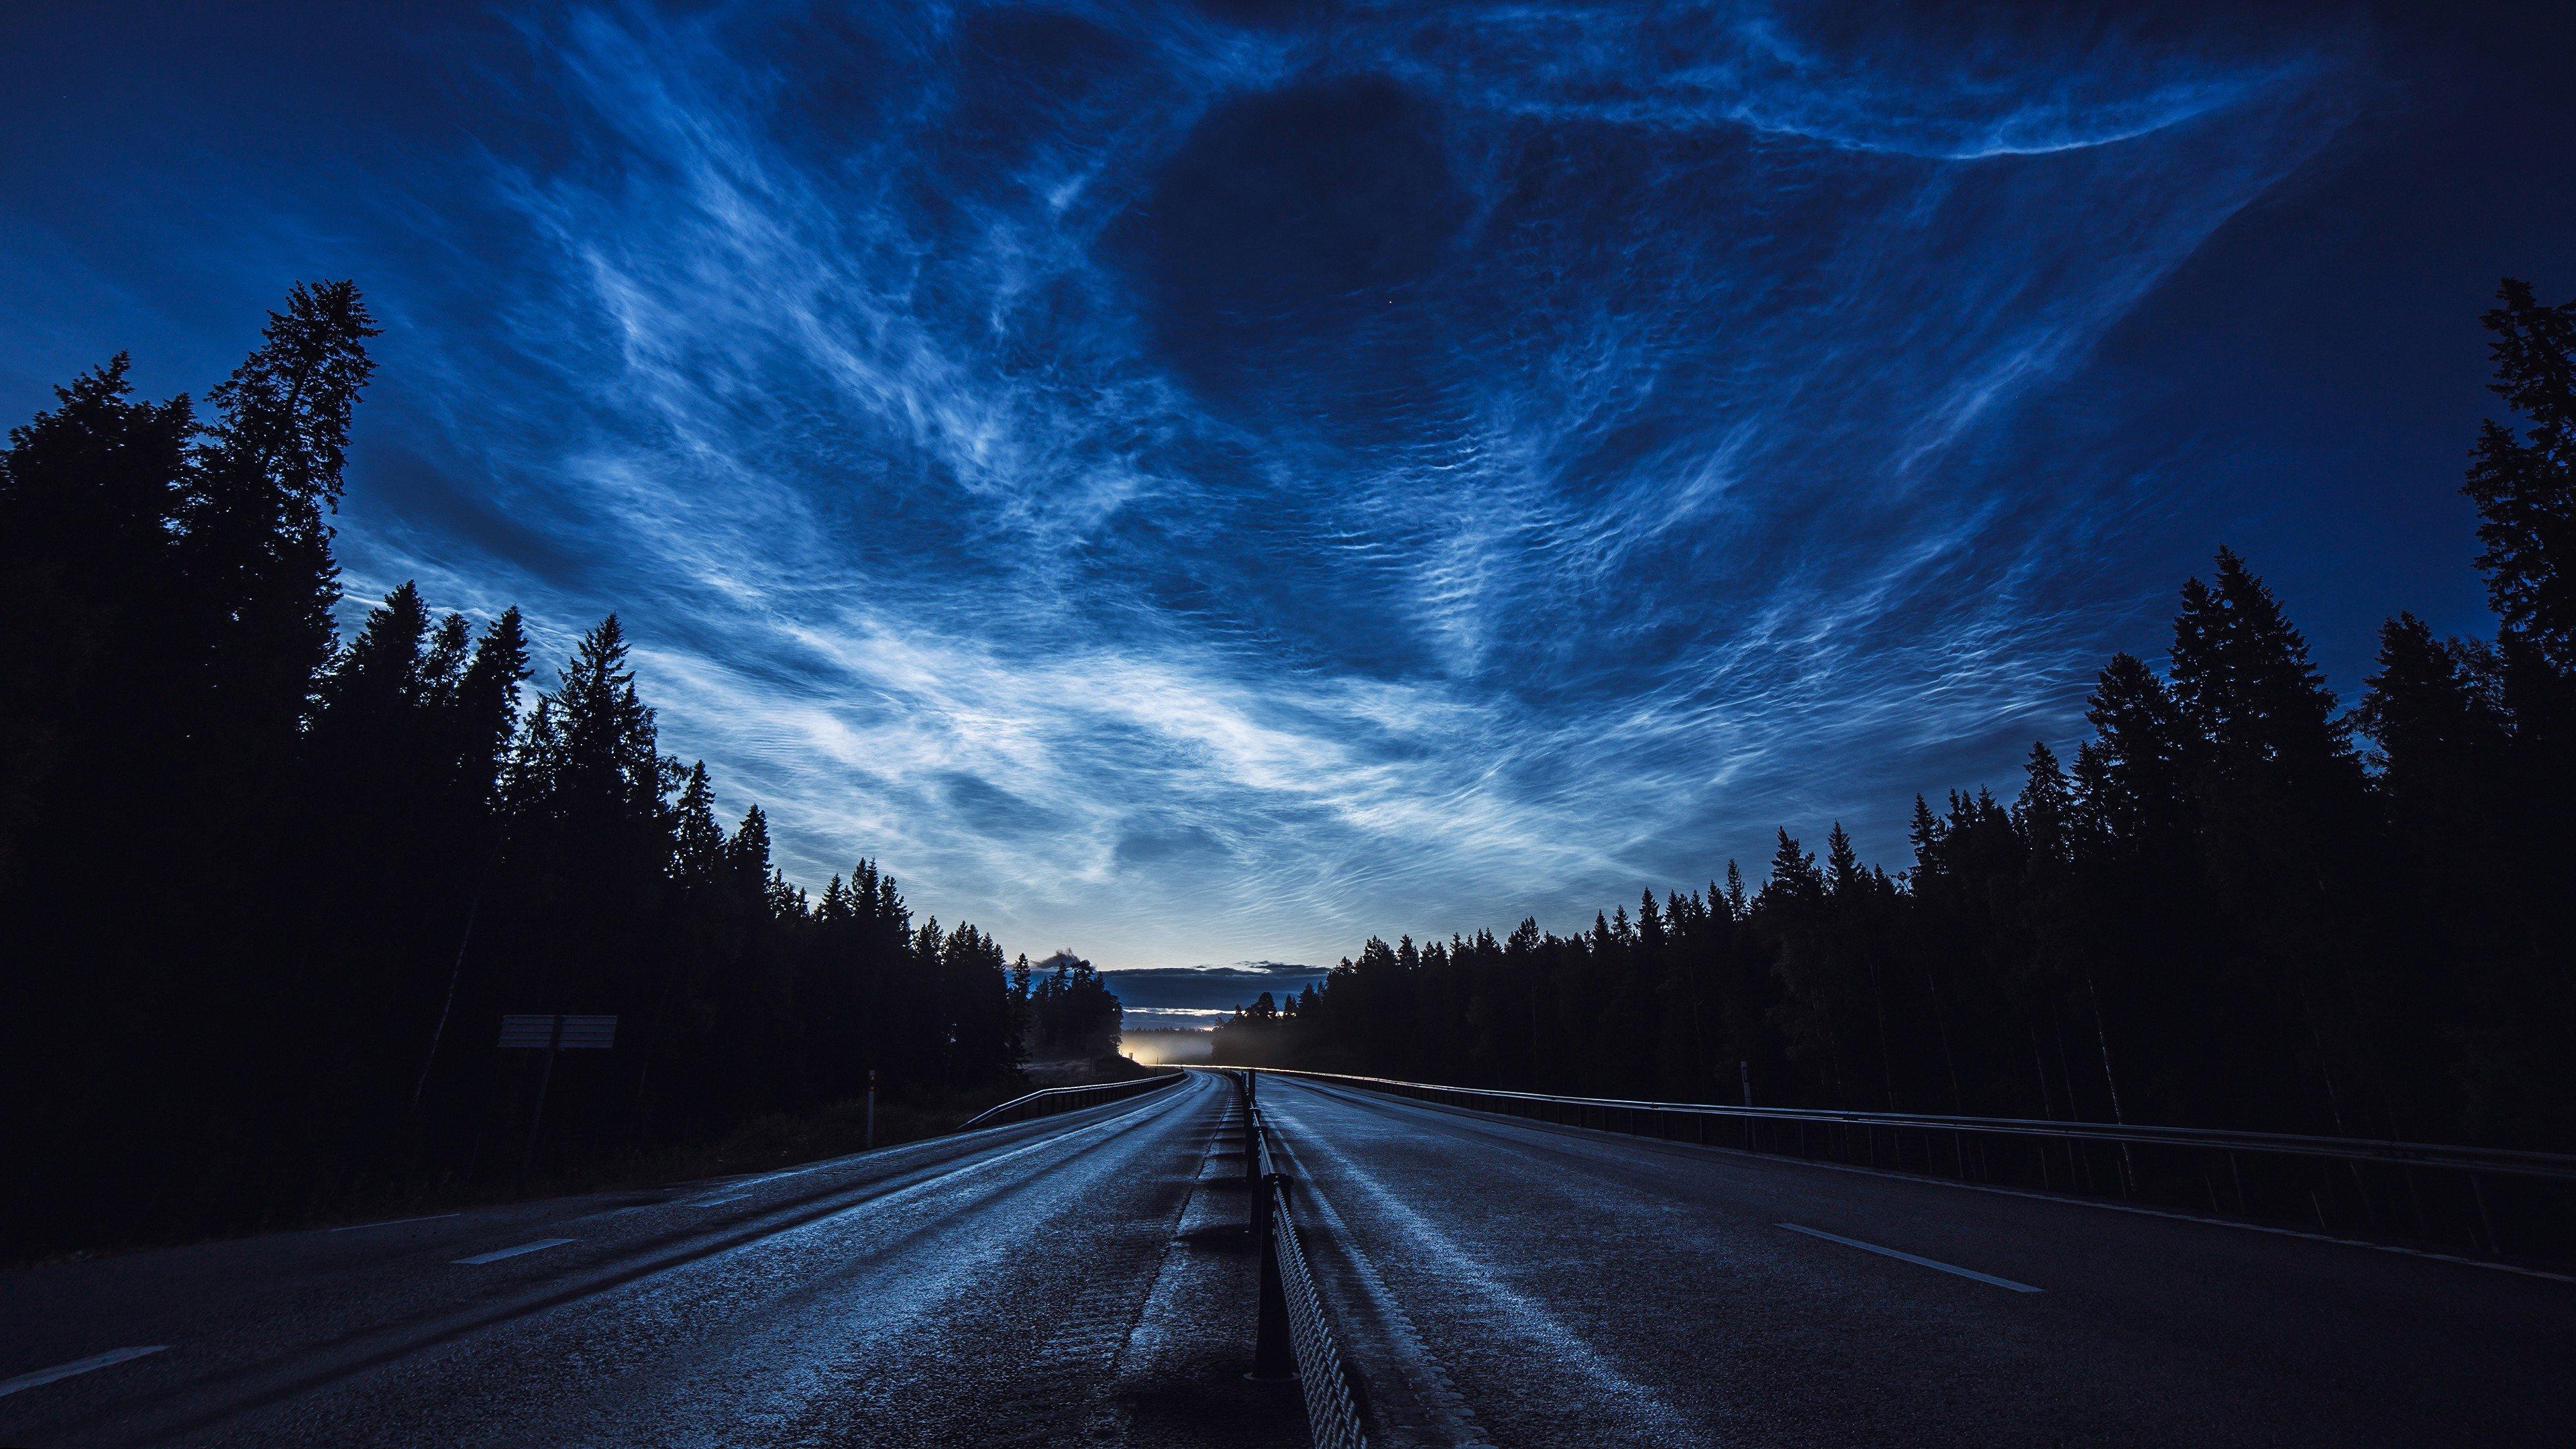 Fondos de pantalla Carretera de anochecer nubes y bosque